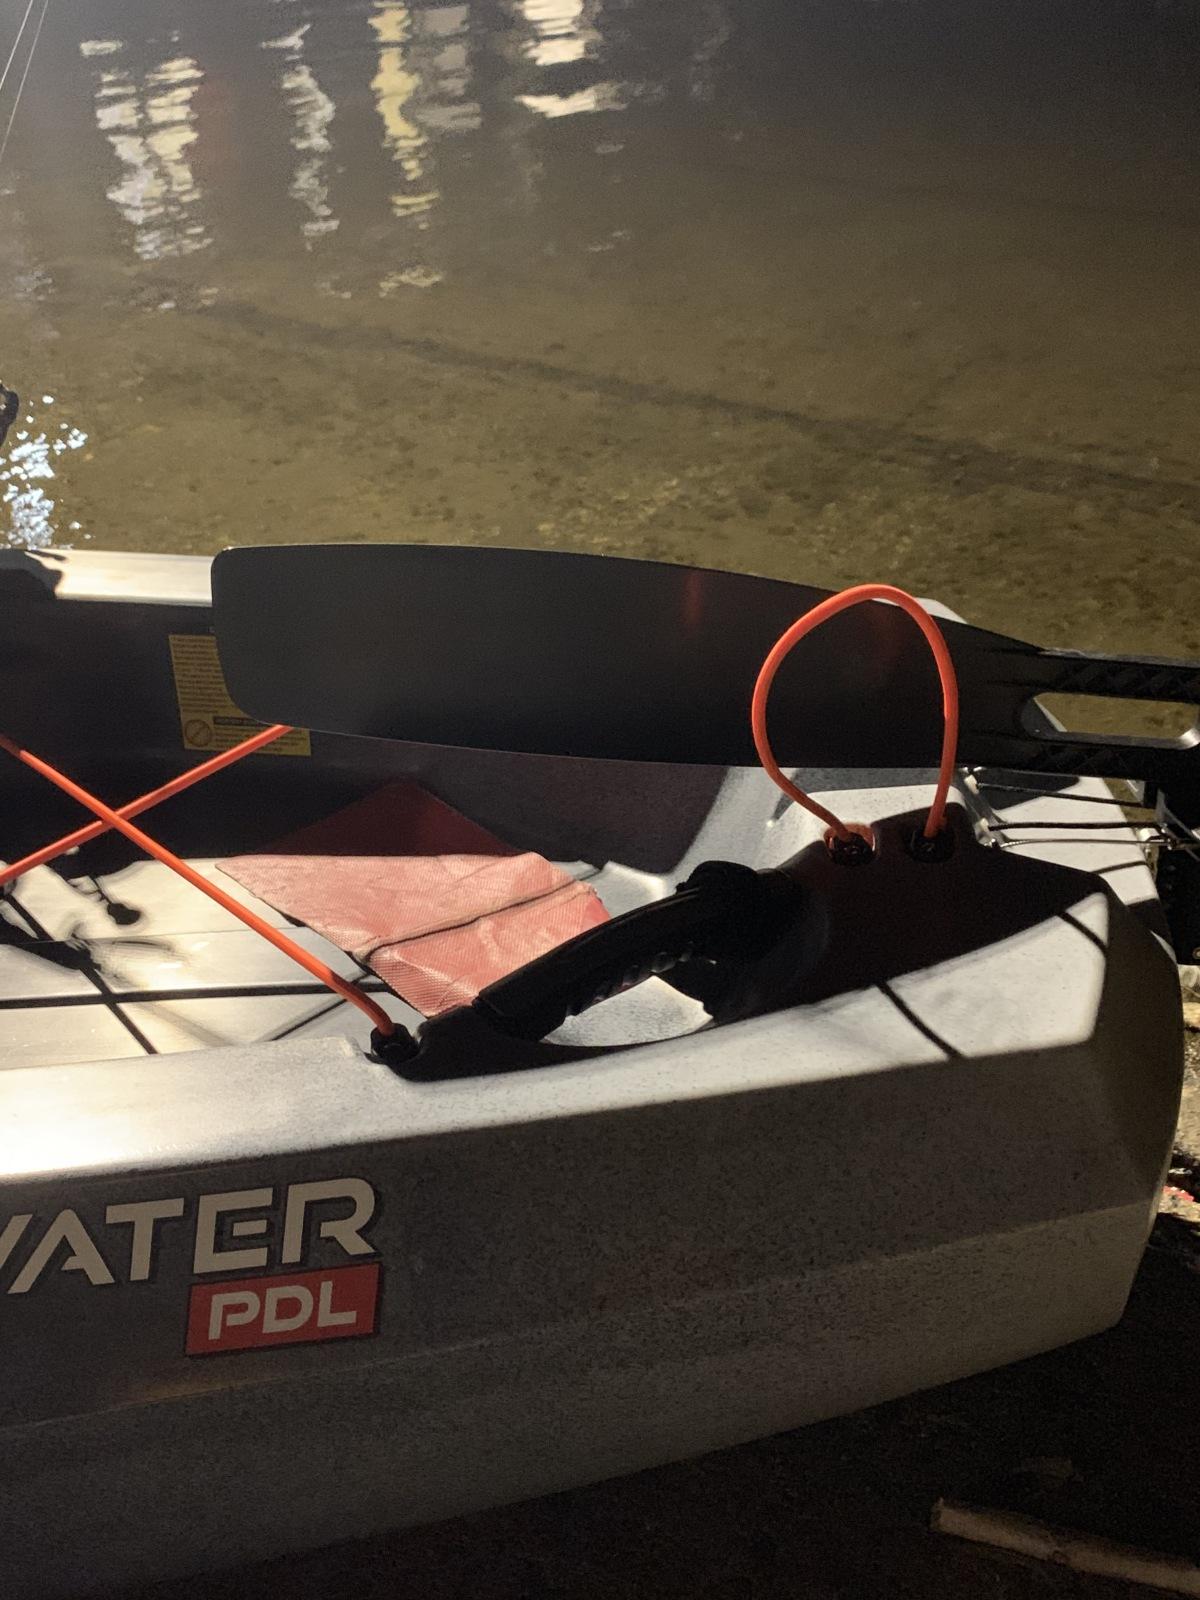 Old Town Top Water 106 PDL Review - Kayaking and Kayak Fishing Forum